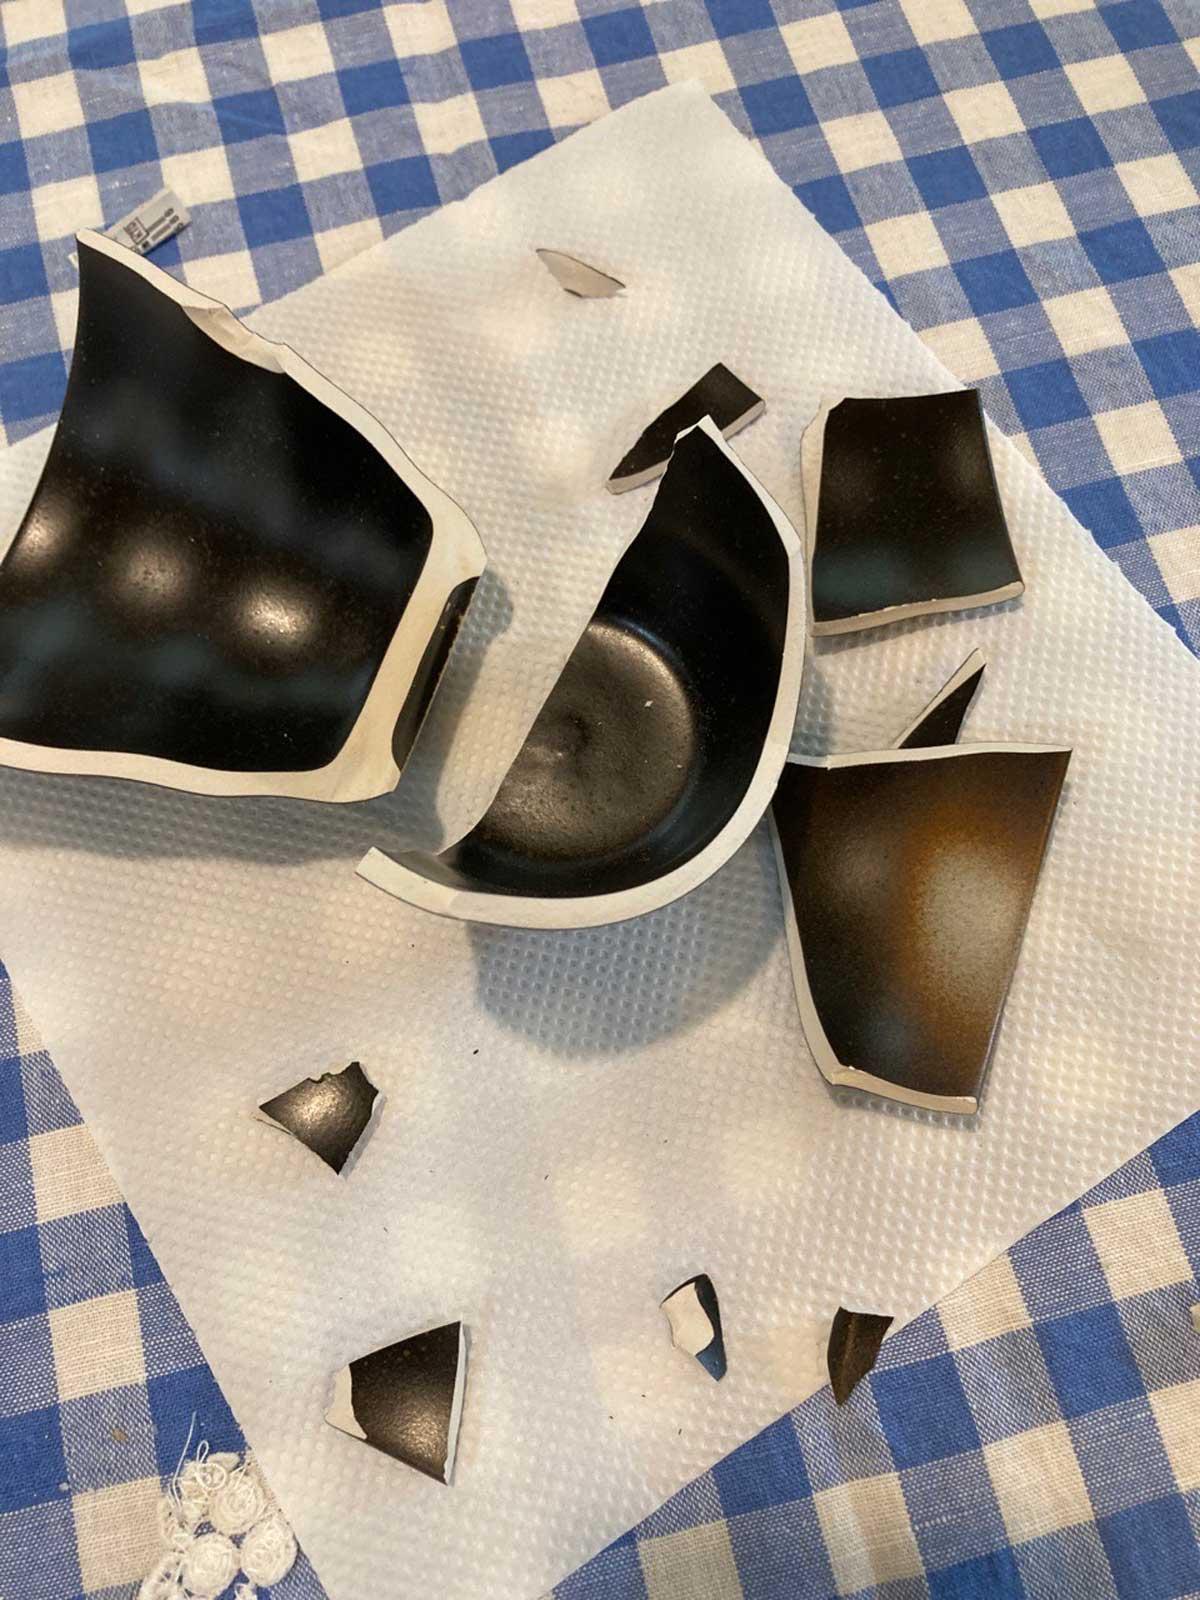 食器を組み、パテ補修したい箇所を特定する